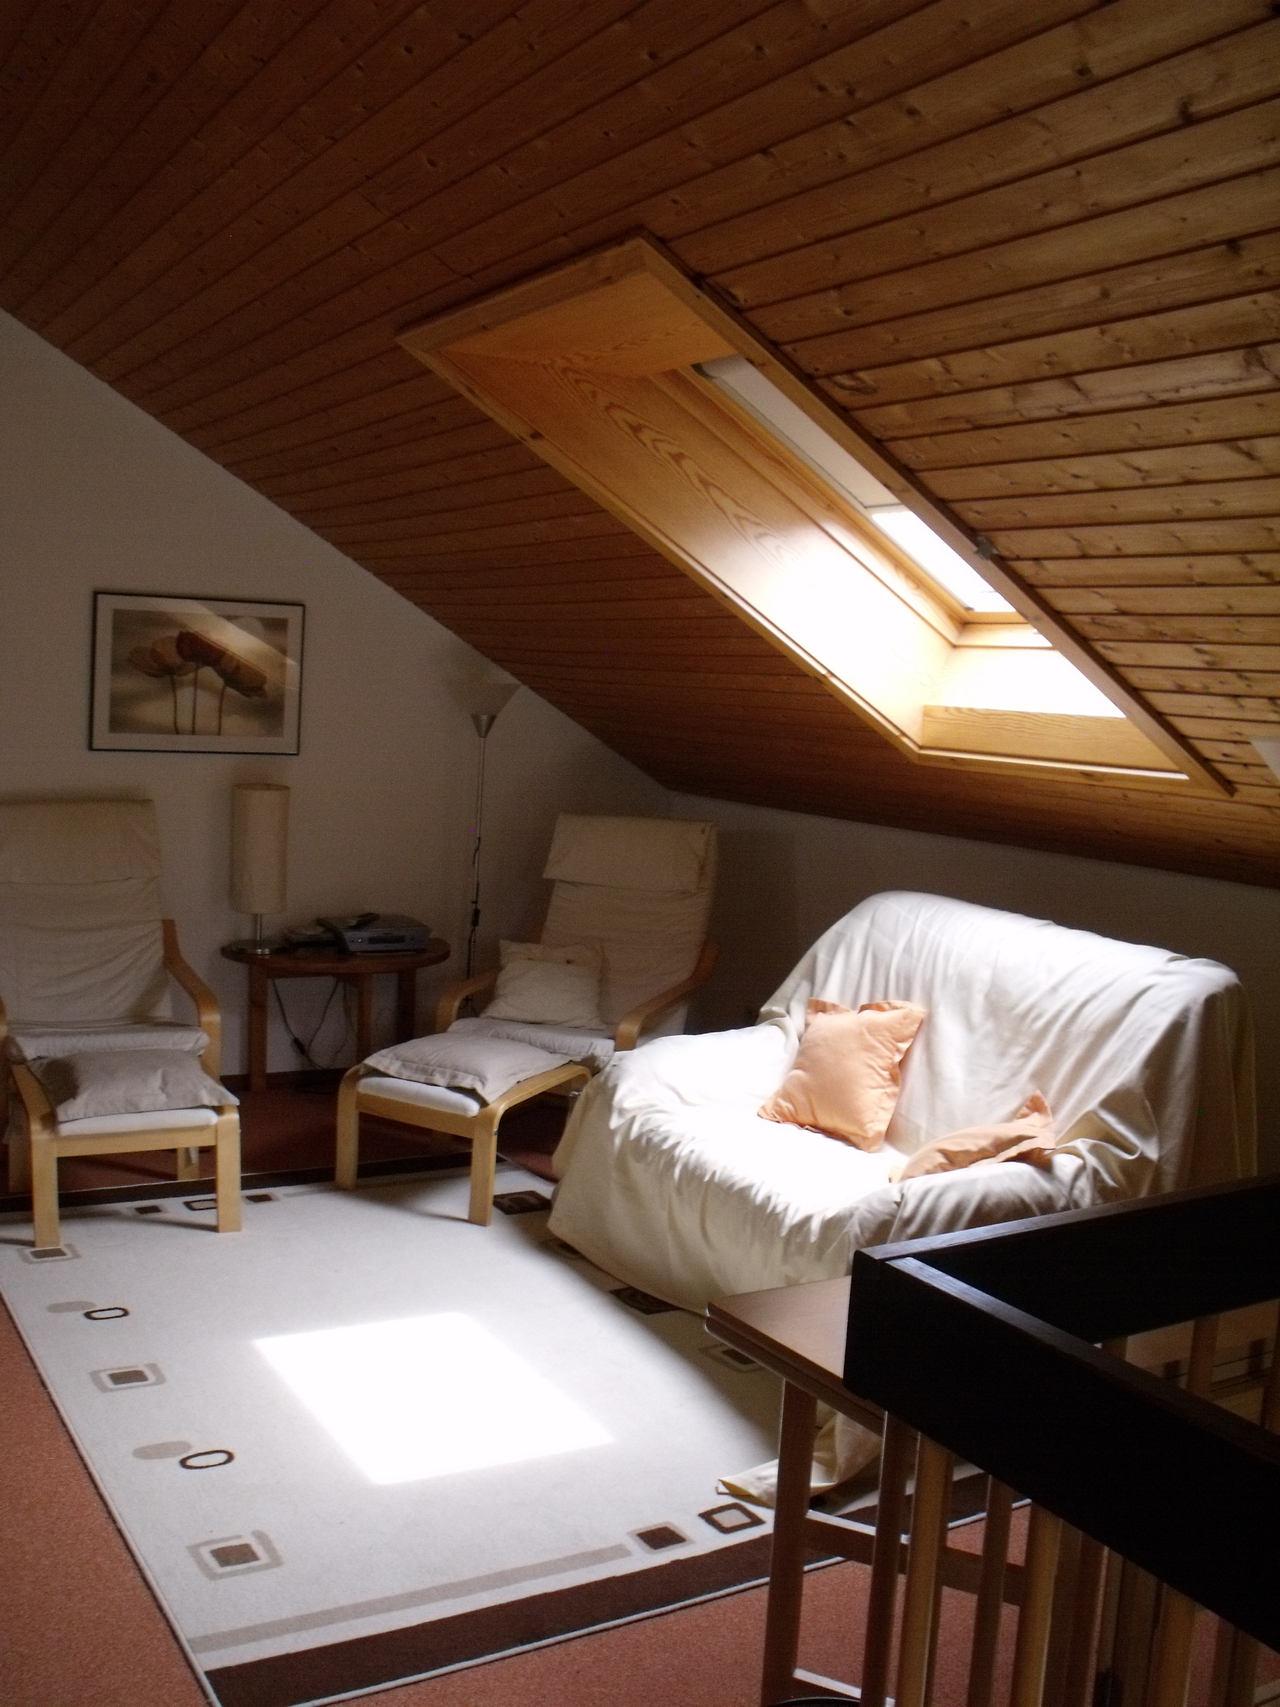 Ferienhaus Rhöndistel - Galerie im Obergeschoss